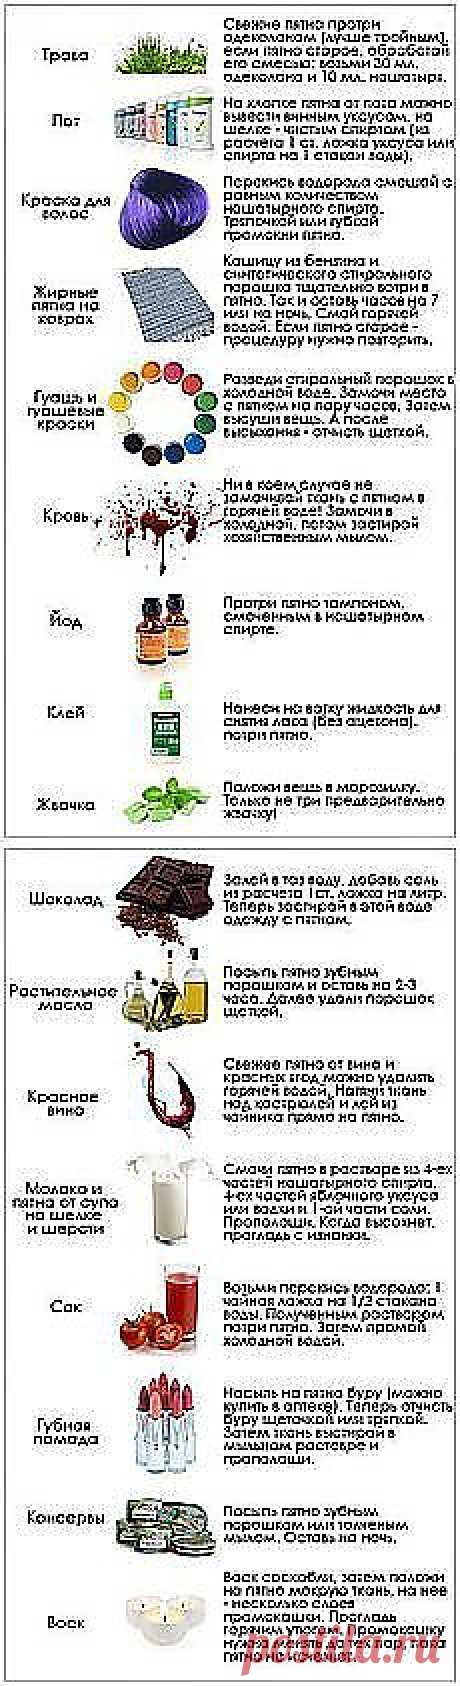 Как очистить самые разные пятна? Сохраните,... Новое в Вашей подборке на Постила.ru - babenko-nastya@mail.ru - Почта Mail.Ru